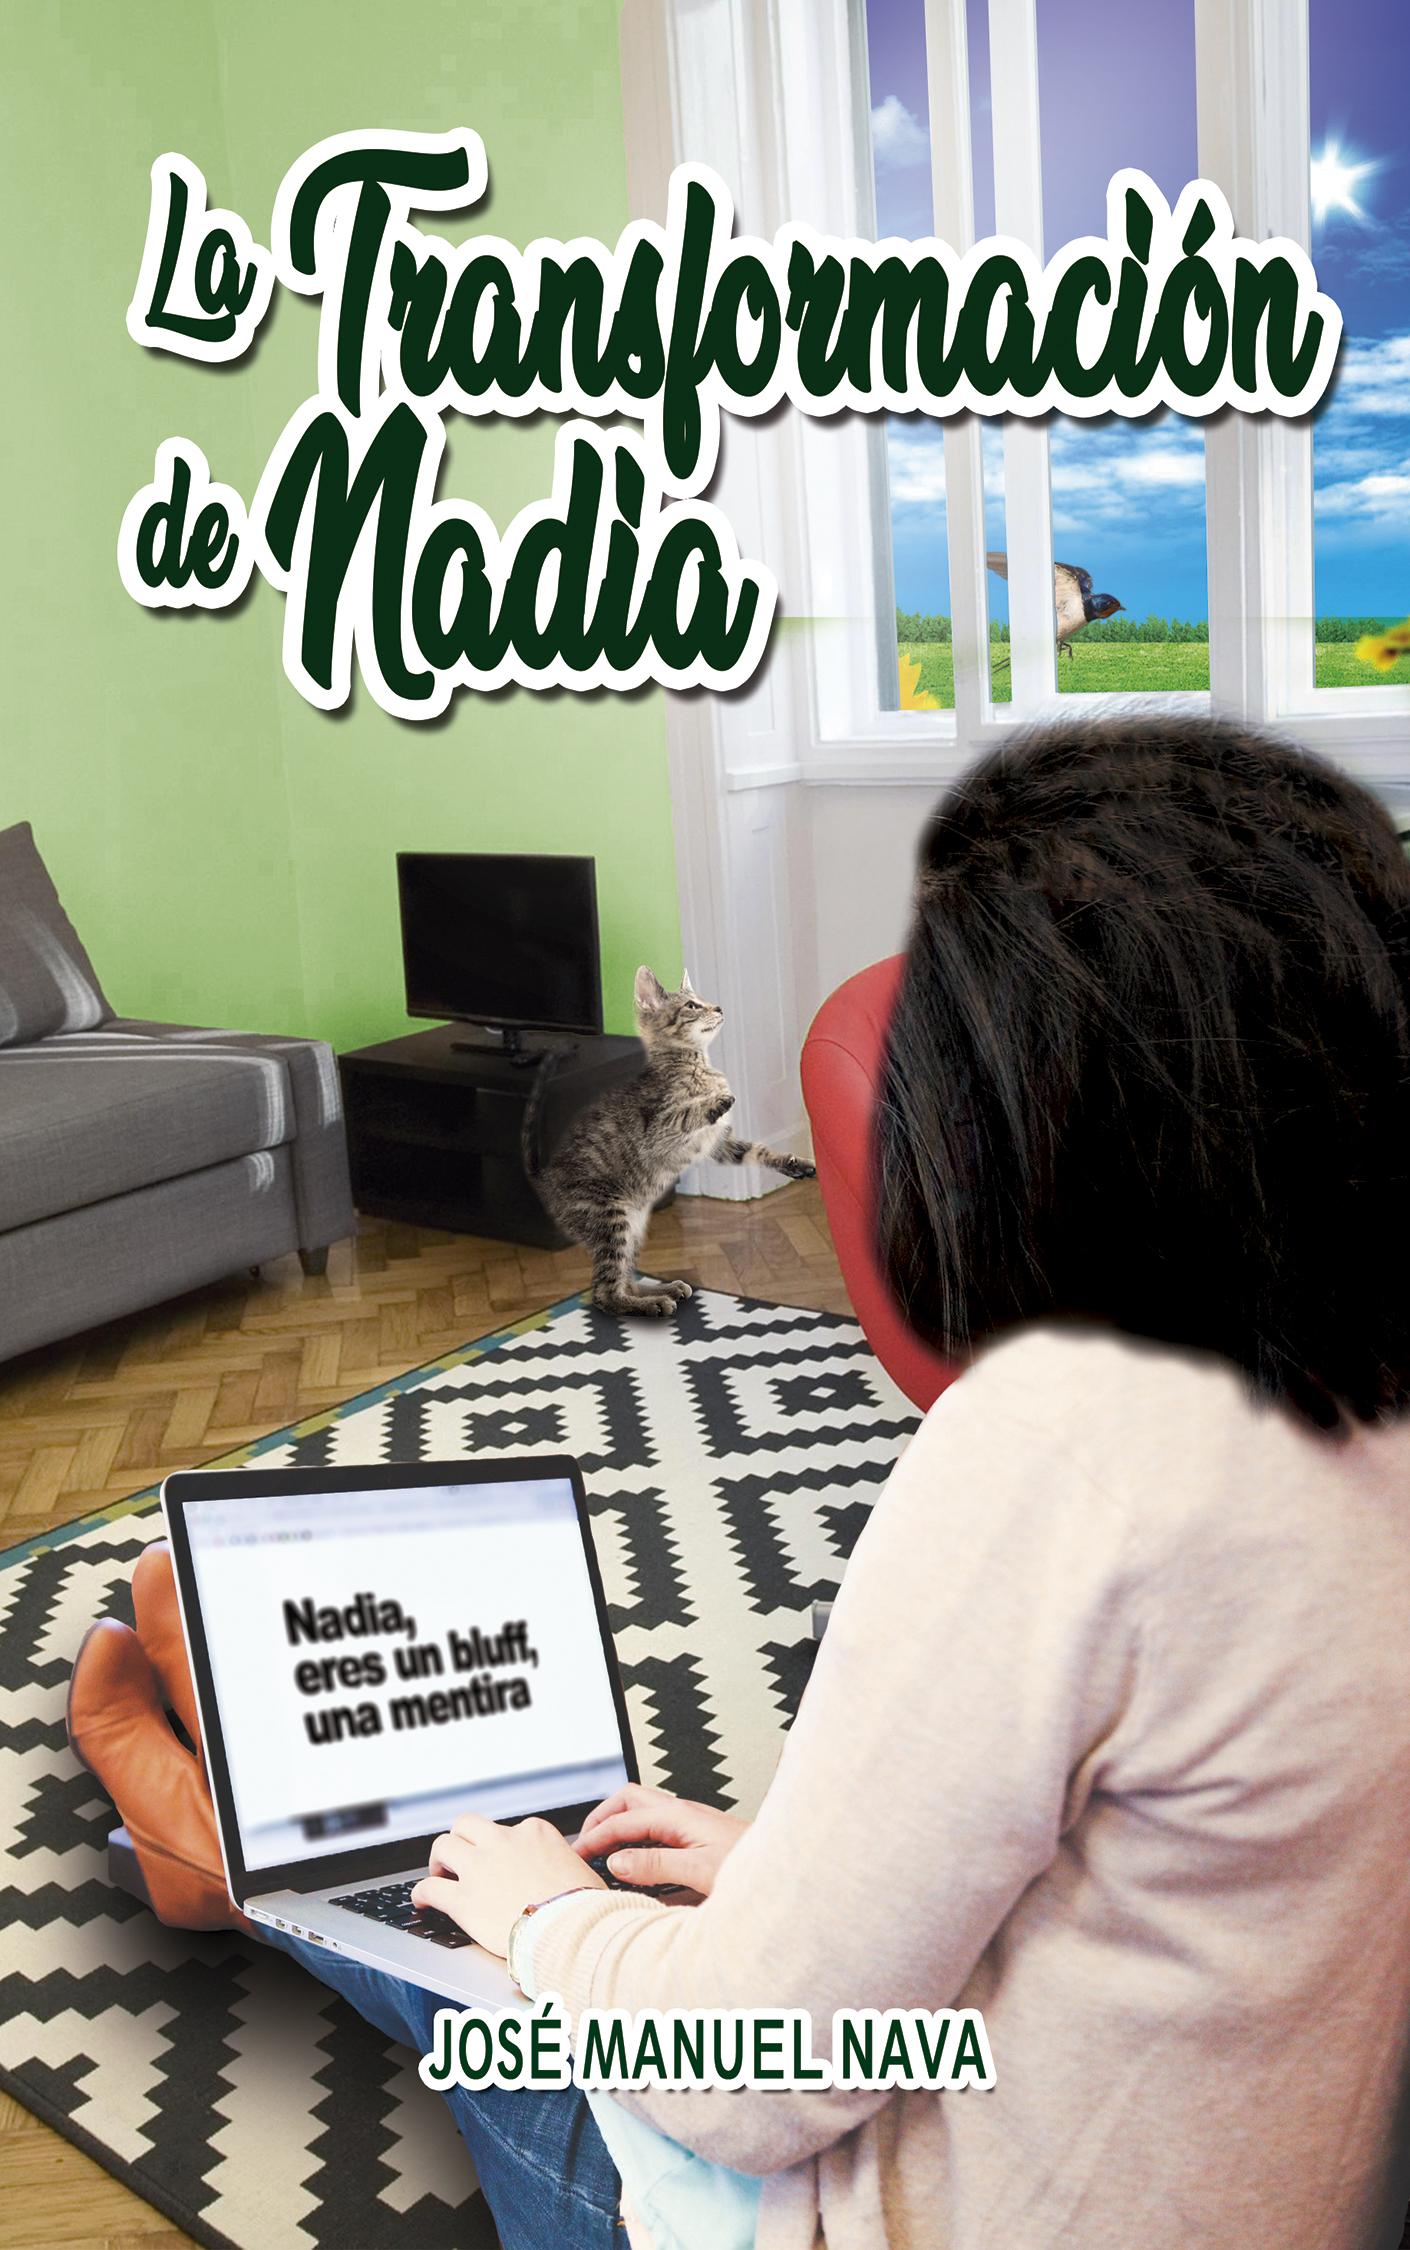 La transformación de Nadia JOSÉ MANUEL NAVA Portada EBook